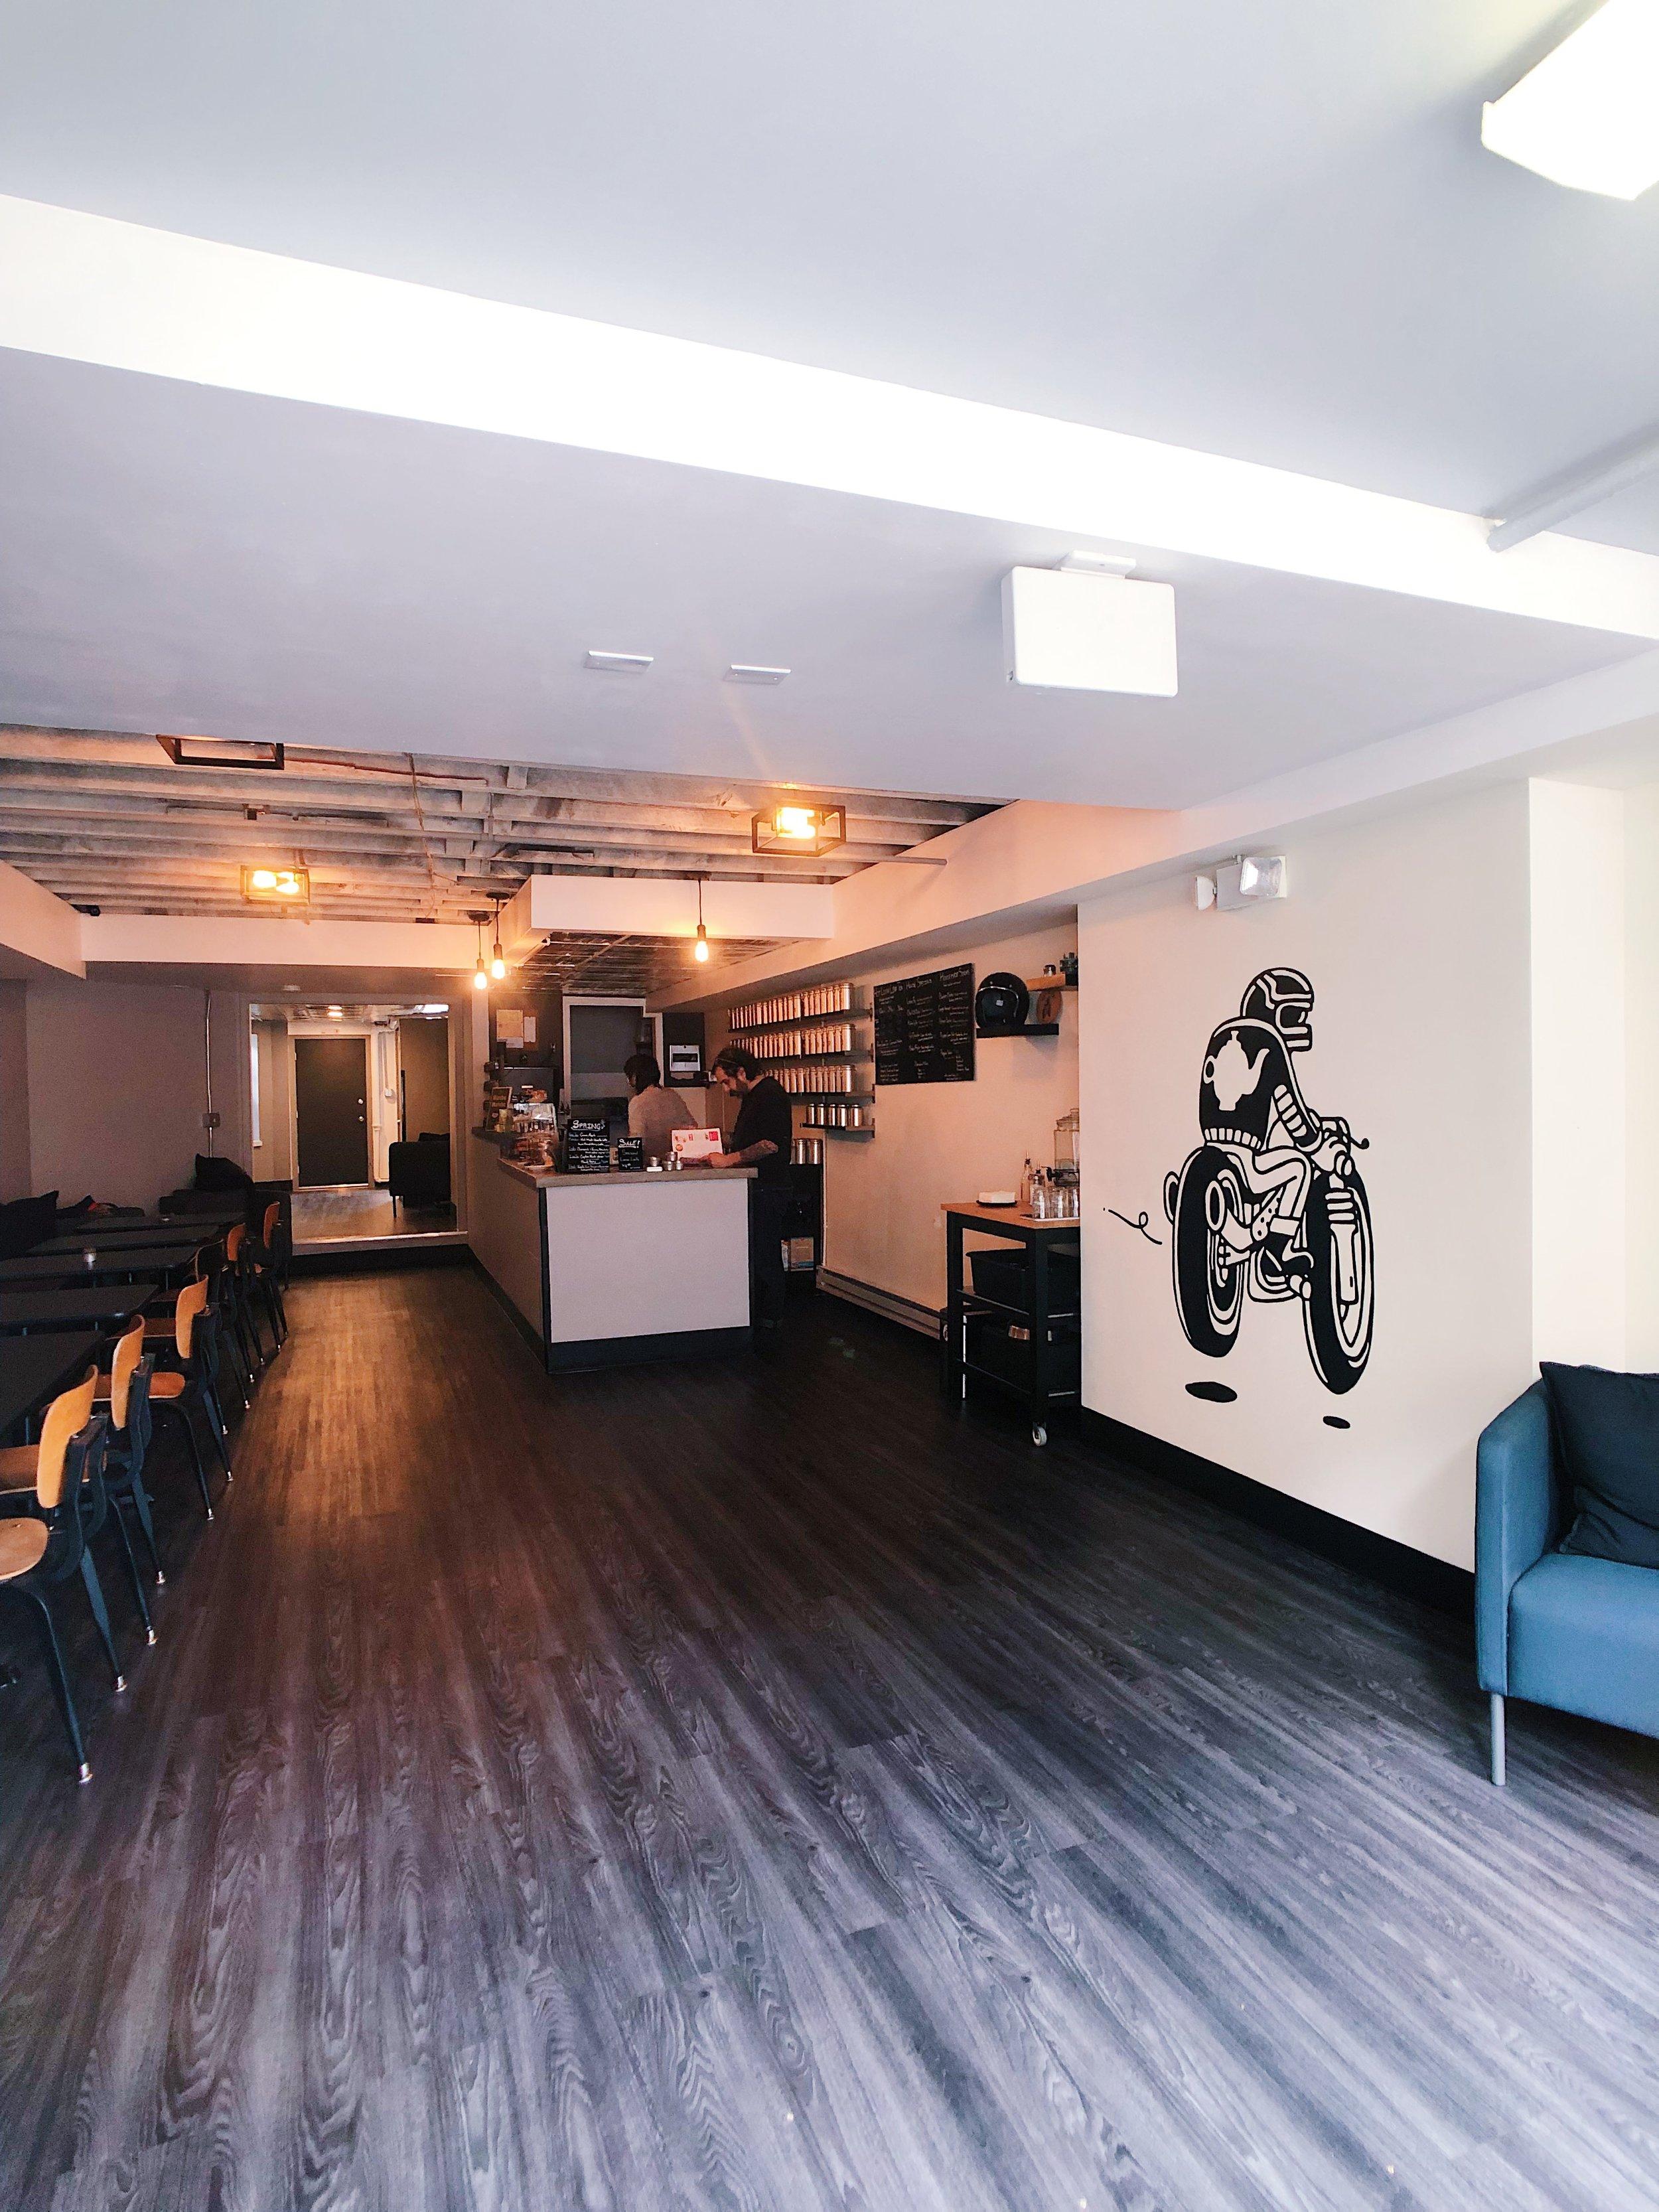 pillion_tea_motorcycle_storefront_interior_reidy_creative.jpeg